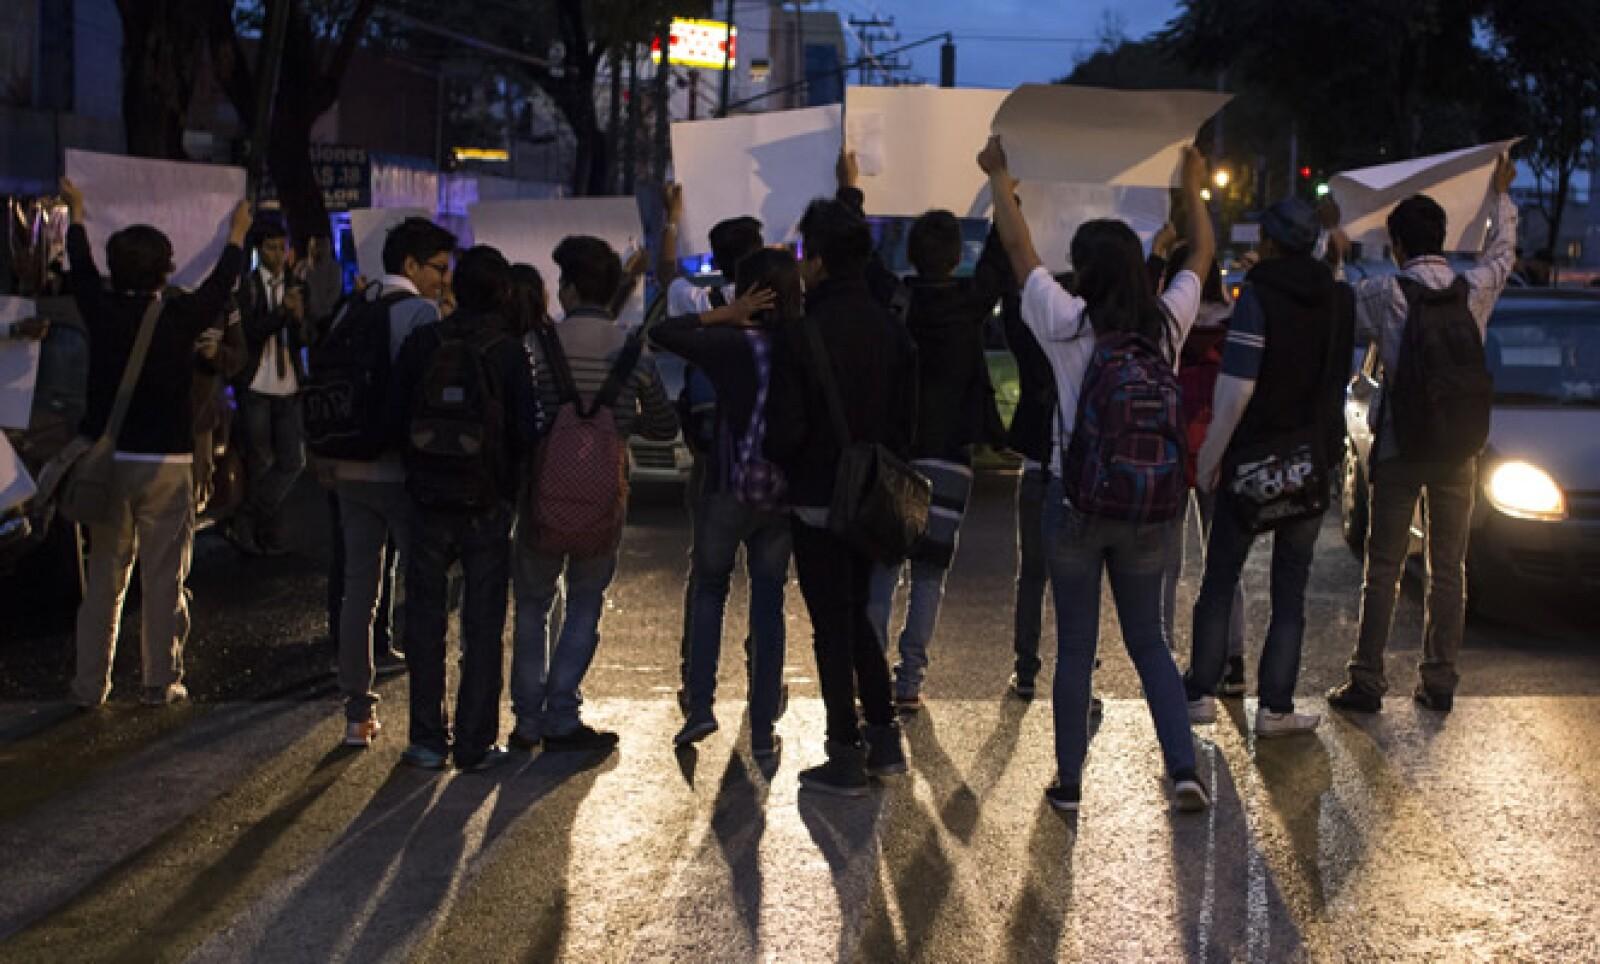 Por la mañana, los alumnos de la vocacional 13 mostraban carteles sobre sus demandas a los automovilsitas mientras estaba la luz roja del semáforo.